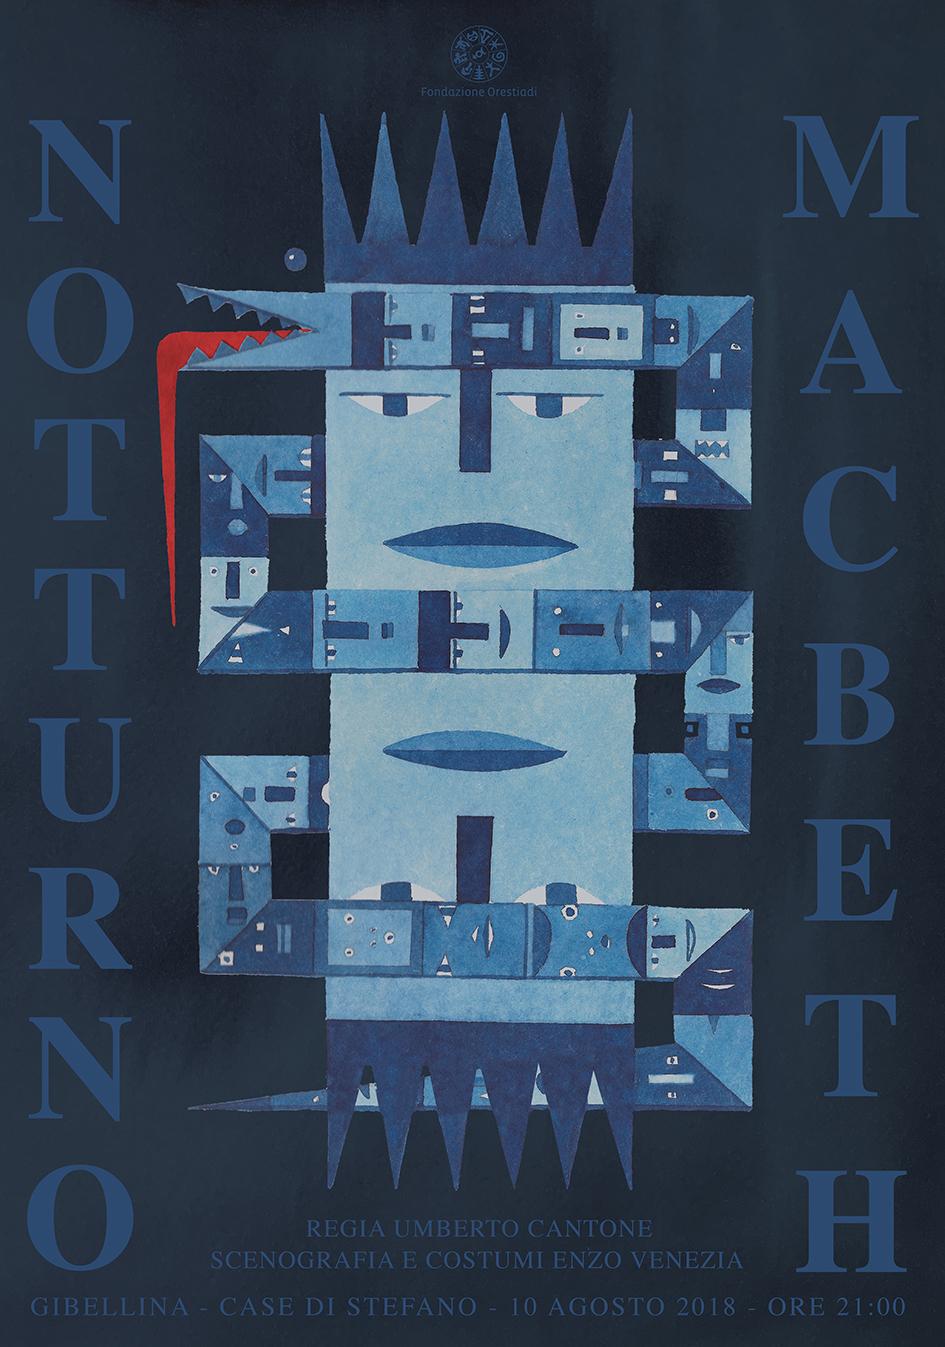 """Notturno Macbeth – da """"Libro notturno"""" di Franco Scaldati – Regia di Umberto Cantone"""